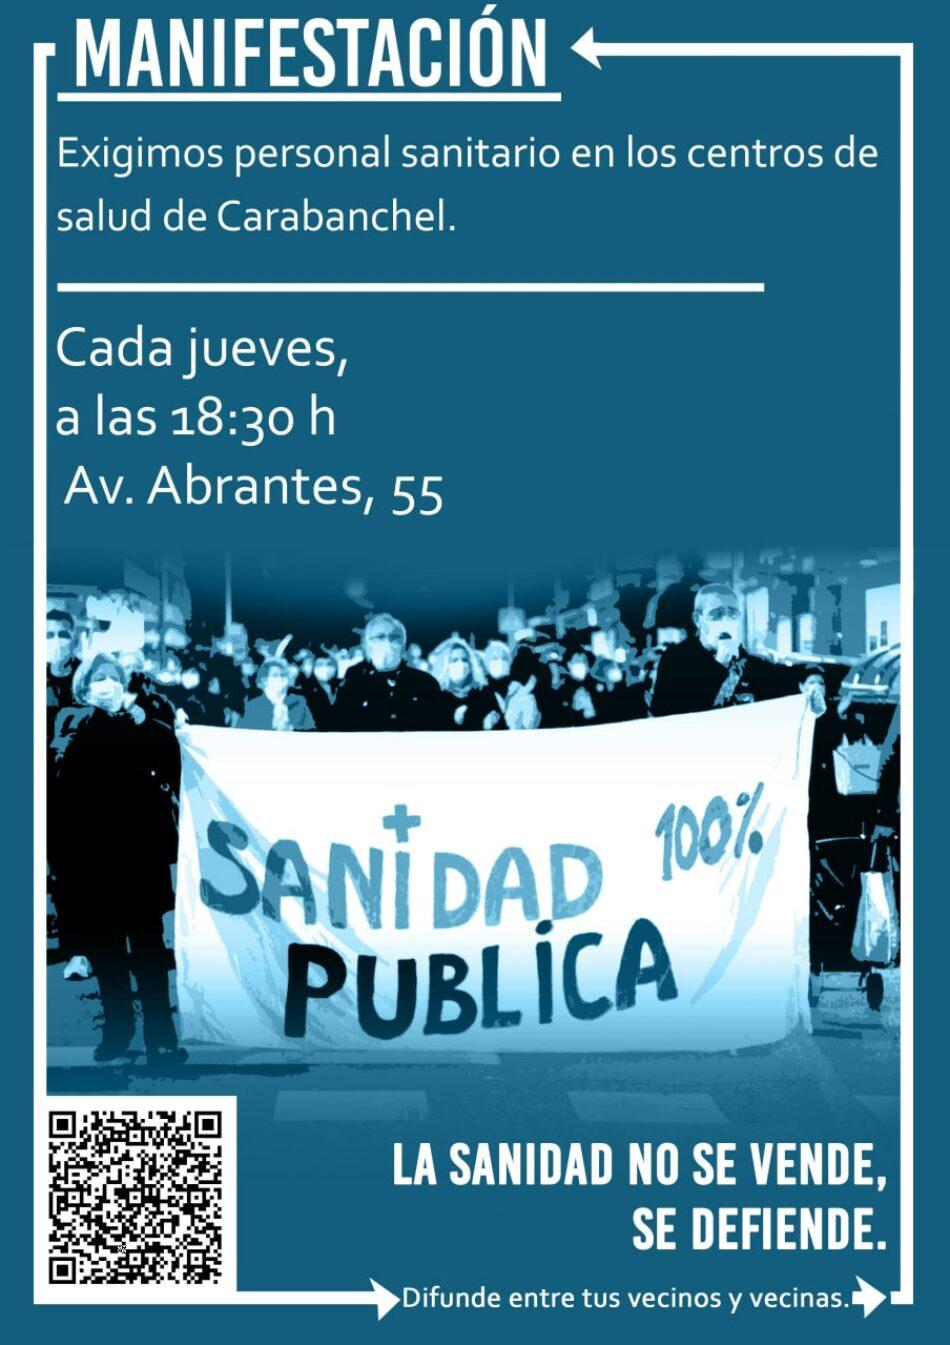 Manifestación contra el cierre del centro de salud Abrantes en Carabanchel